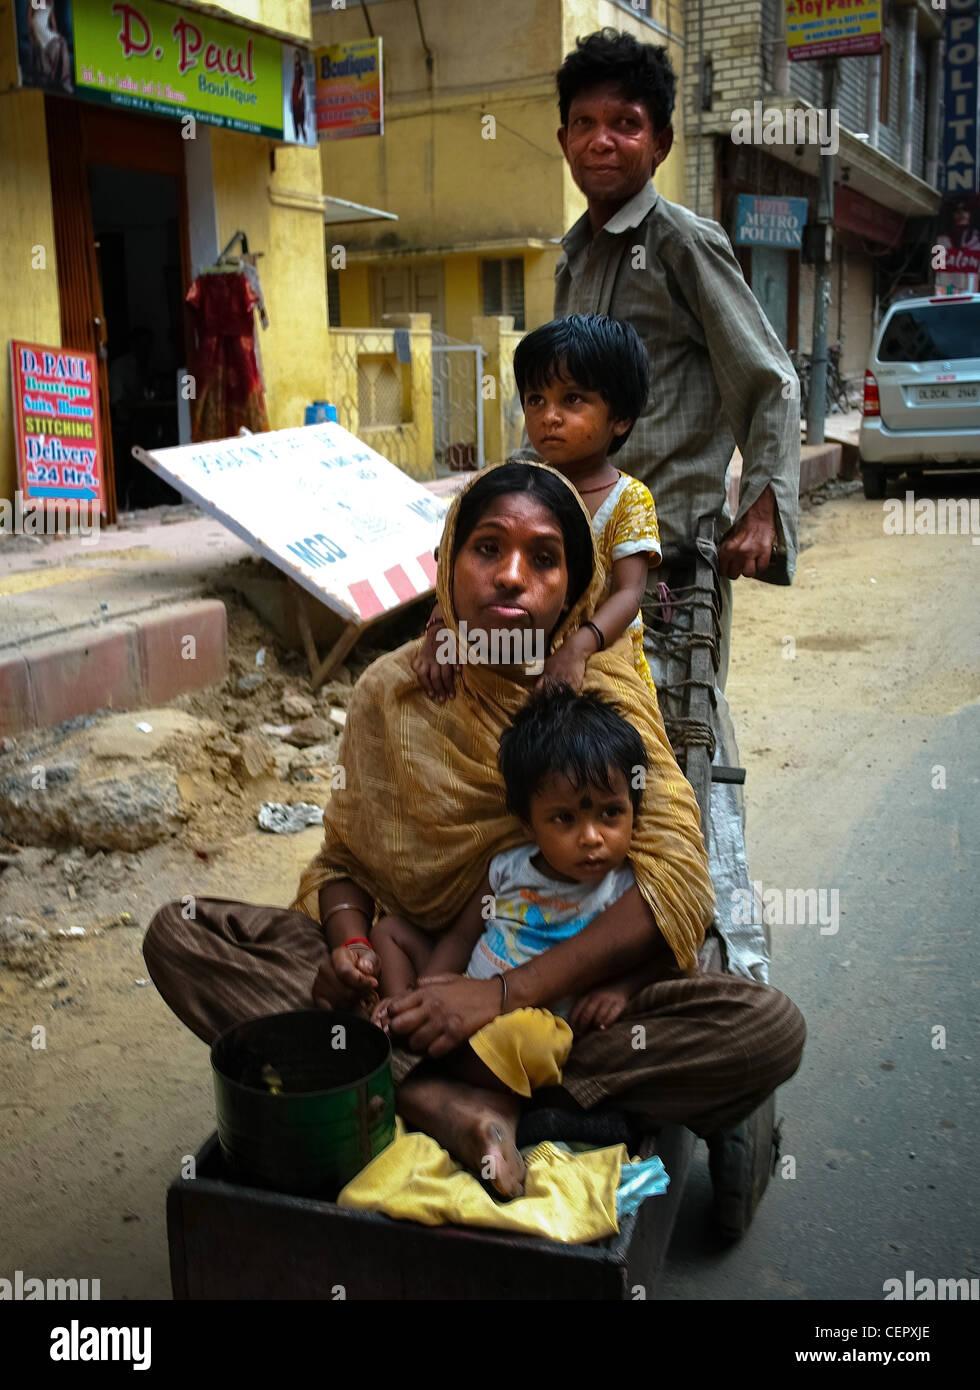 New Delhi, untouchable family in New Delhi - Stock Image